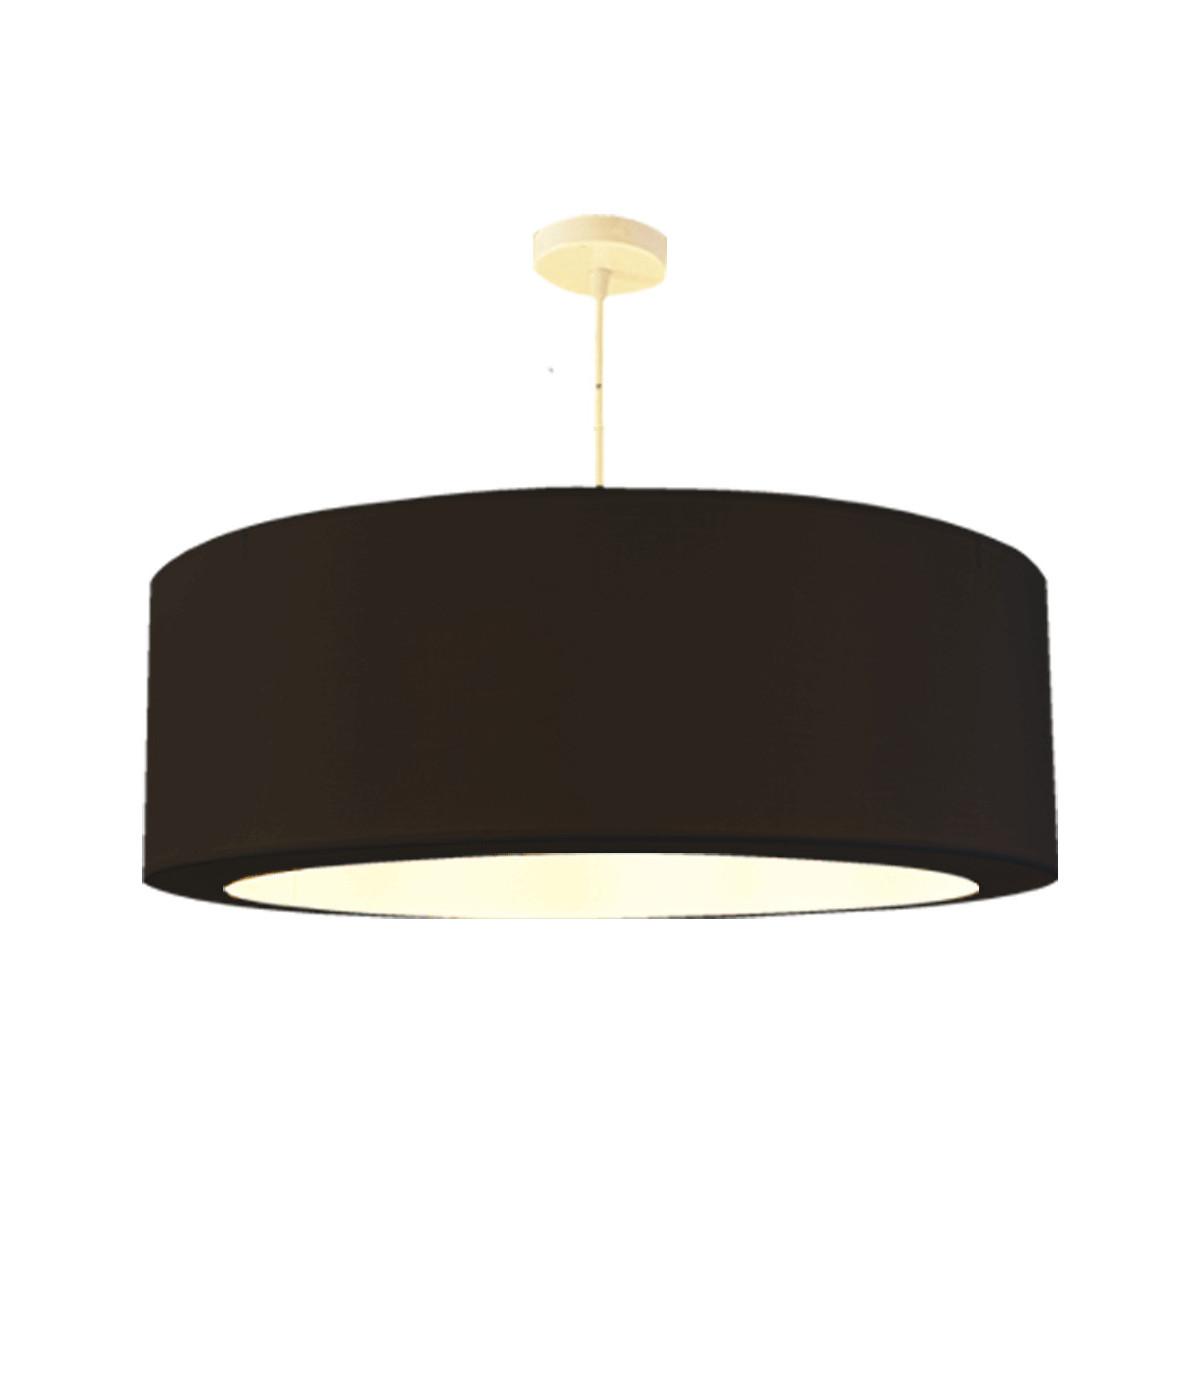 Suspension noir d 65 cm